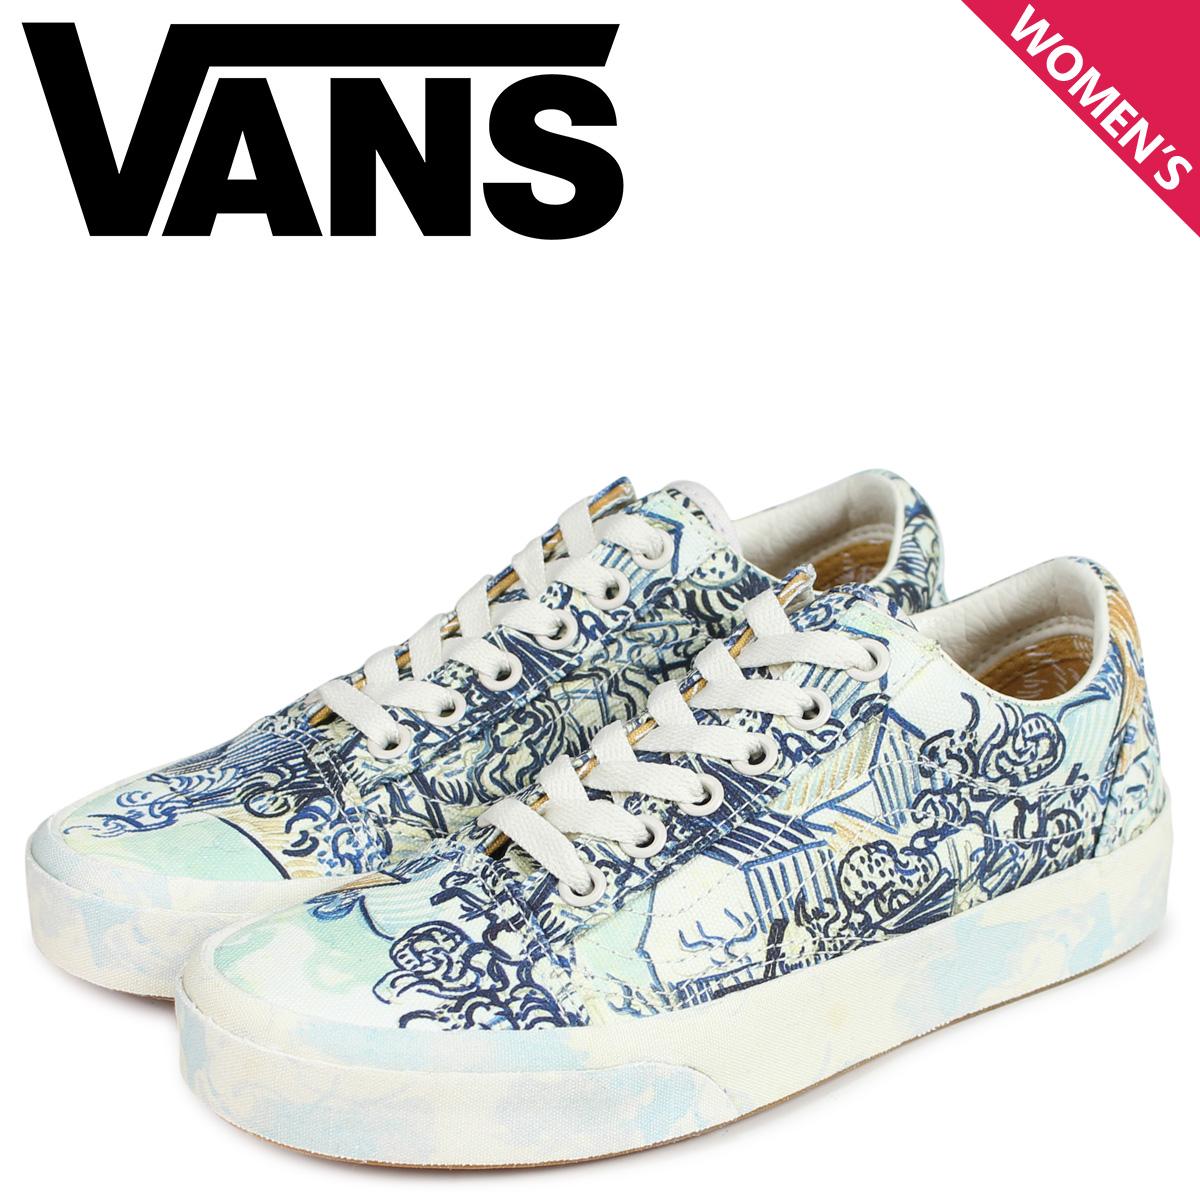 Vans VANS old school sneakers Lady's station wagons Gogh OLD SKOOL multi VN0A38G1UAX